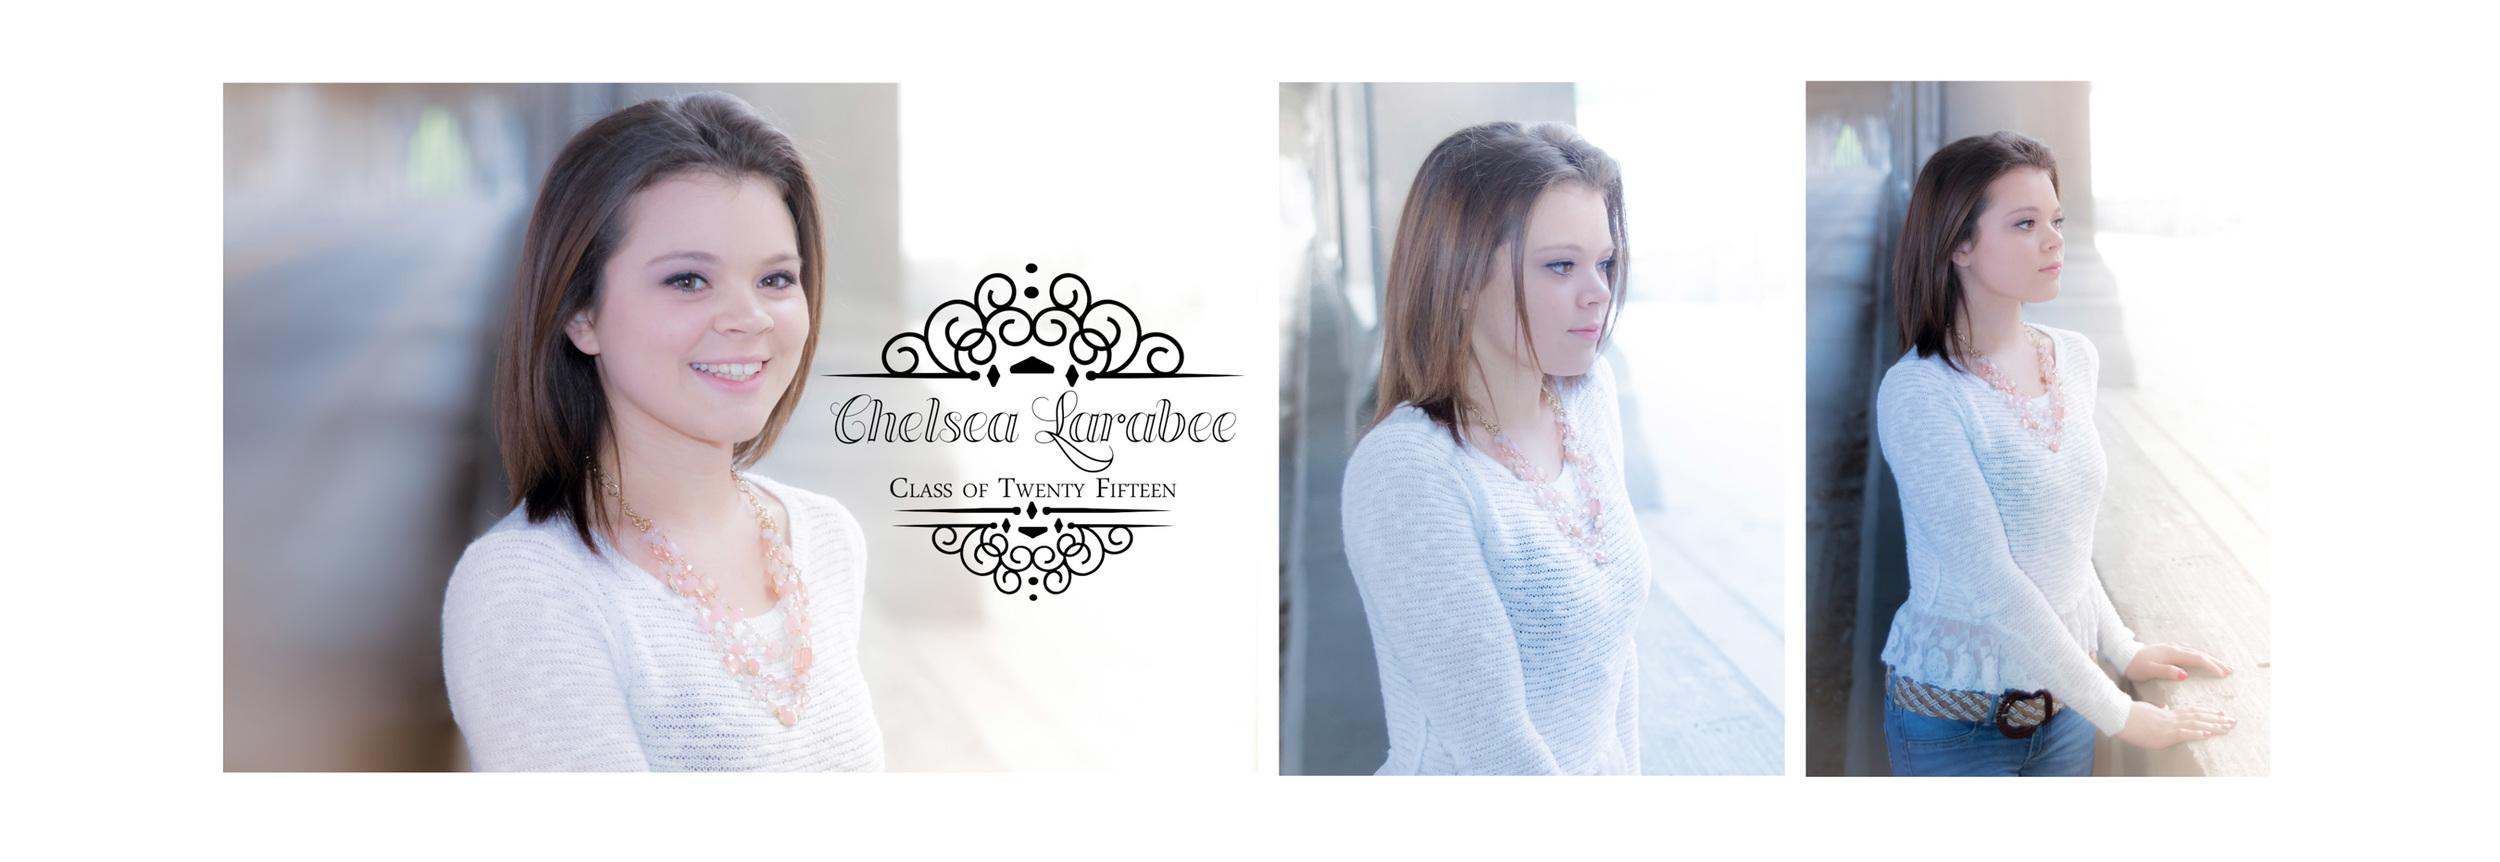 Chelsea Larabee Senior CatsEye Photography 2015 Banner 2.jpg